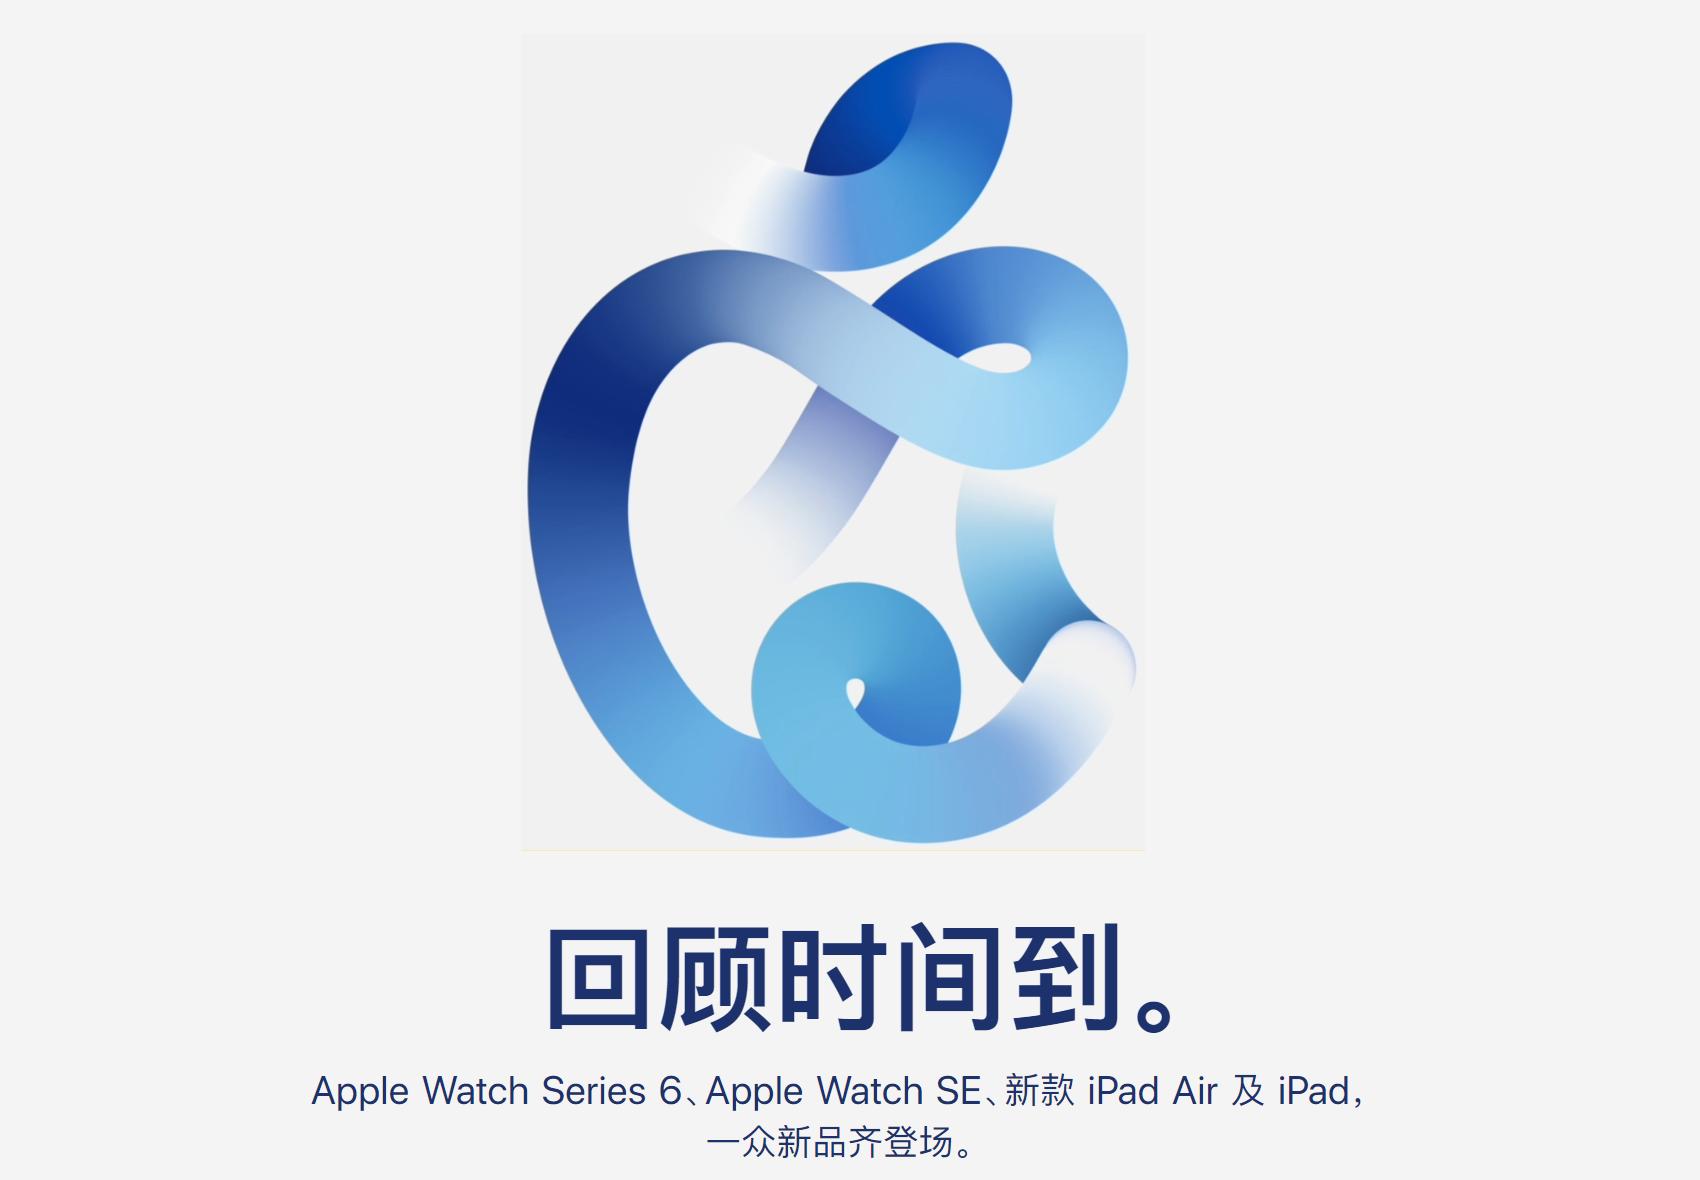 苹果更新手手表和iPad产品线 又多一个SE版本